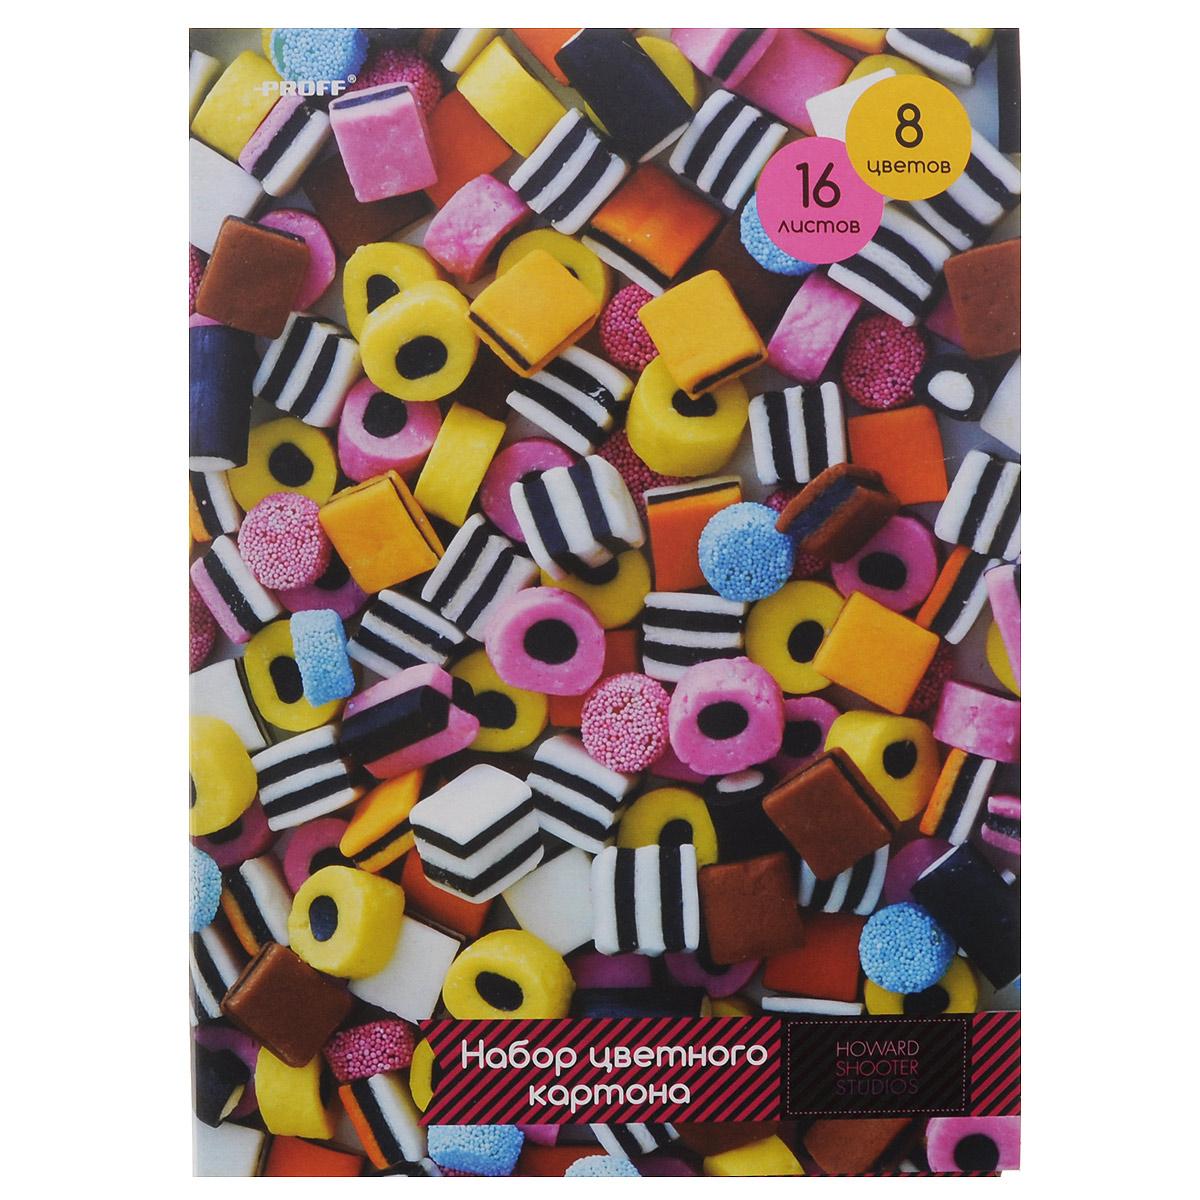 Набор цветного картона Proff  Сладости, 16 листов7708050Набор цветного мелованного картона Proff Сладости позволит создавать всевозможные аппликации и поделки. Набор состоит из16 листов формата А4 одностороннего цветного картона восьми цветов: желтого, оранжевого, красный, белого, голубого, черного, коричневого и зеленого. Создание поделок из цветного картона позволяет ребенку развивать творческие способности, кроме того, это увлекательный досуг. Набор упакован в картонную папку с аппетитным изображением.